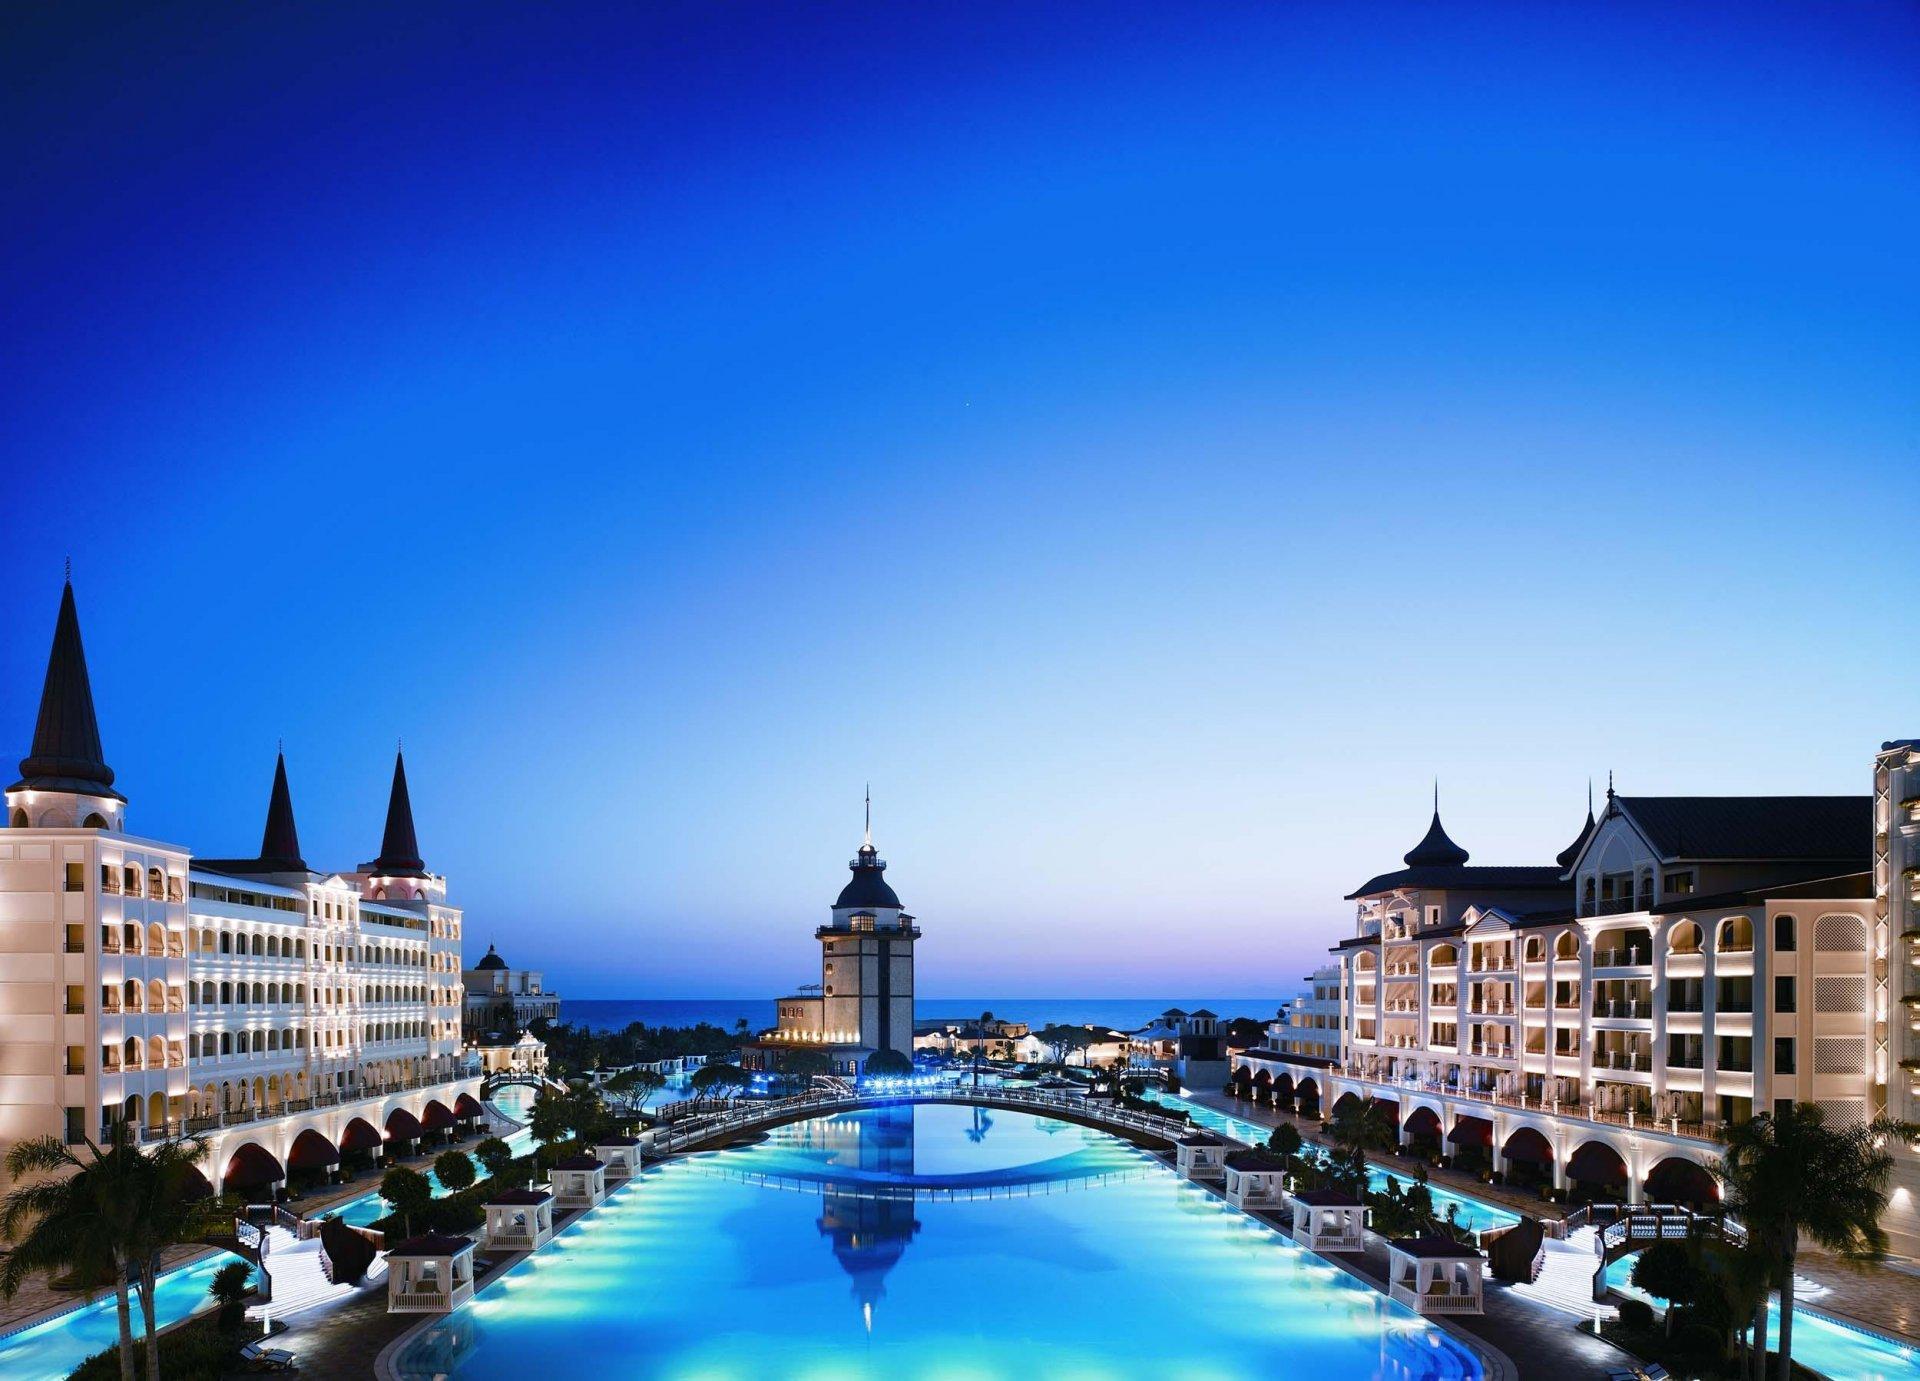 самые красивые отели турции фото вокруг кажется